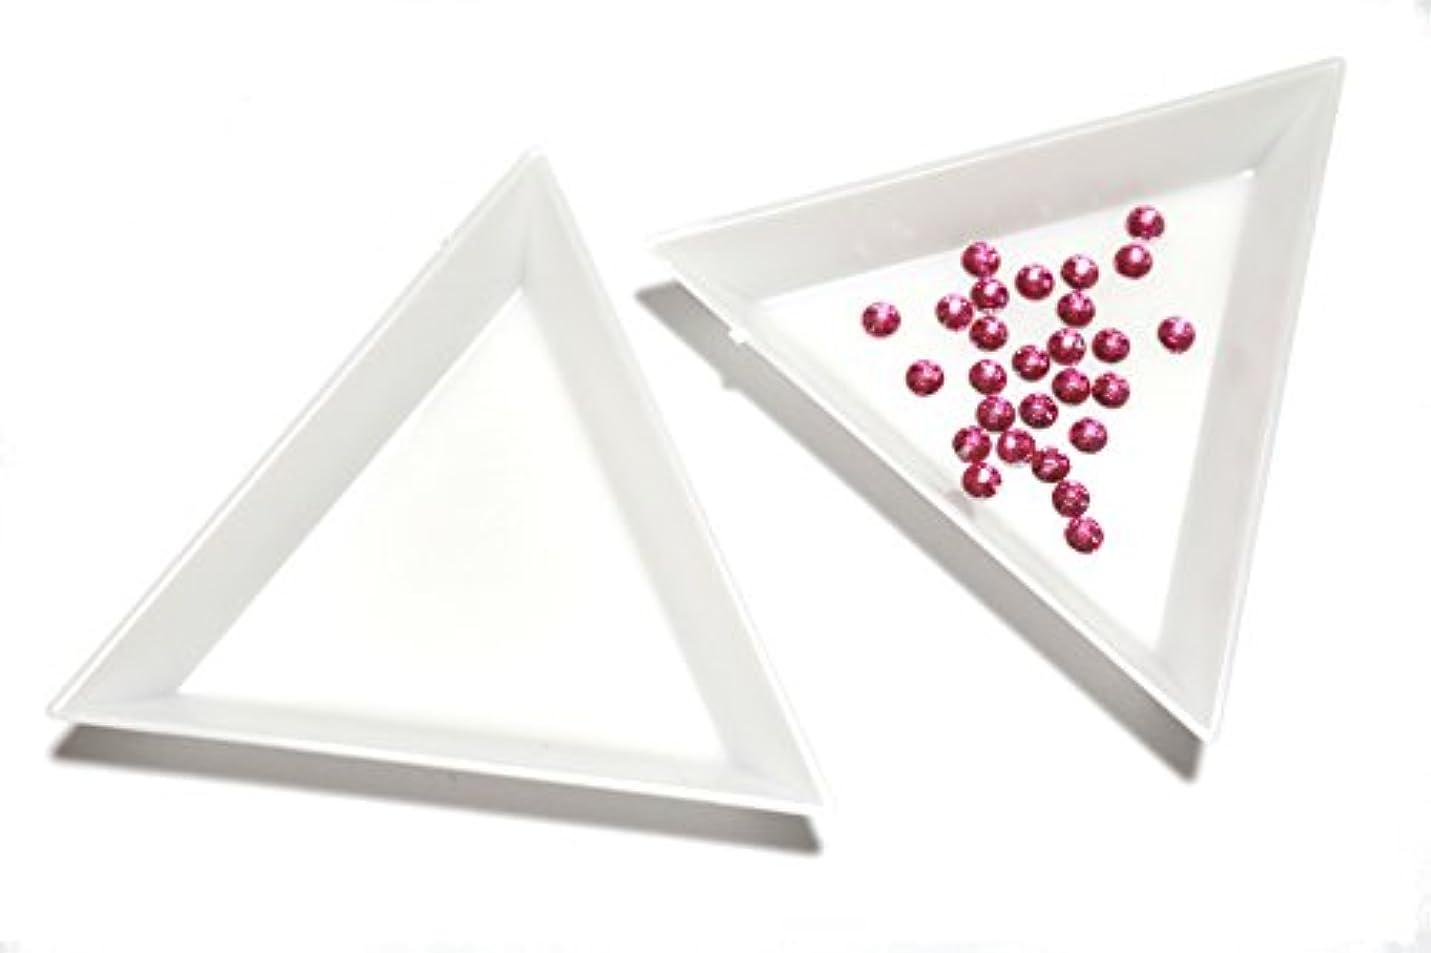 可聴革命労働【jewel】三角トレイ 三個セット ラインストーン ビーズ 白 ネイル デコ用品